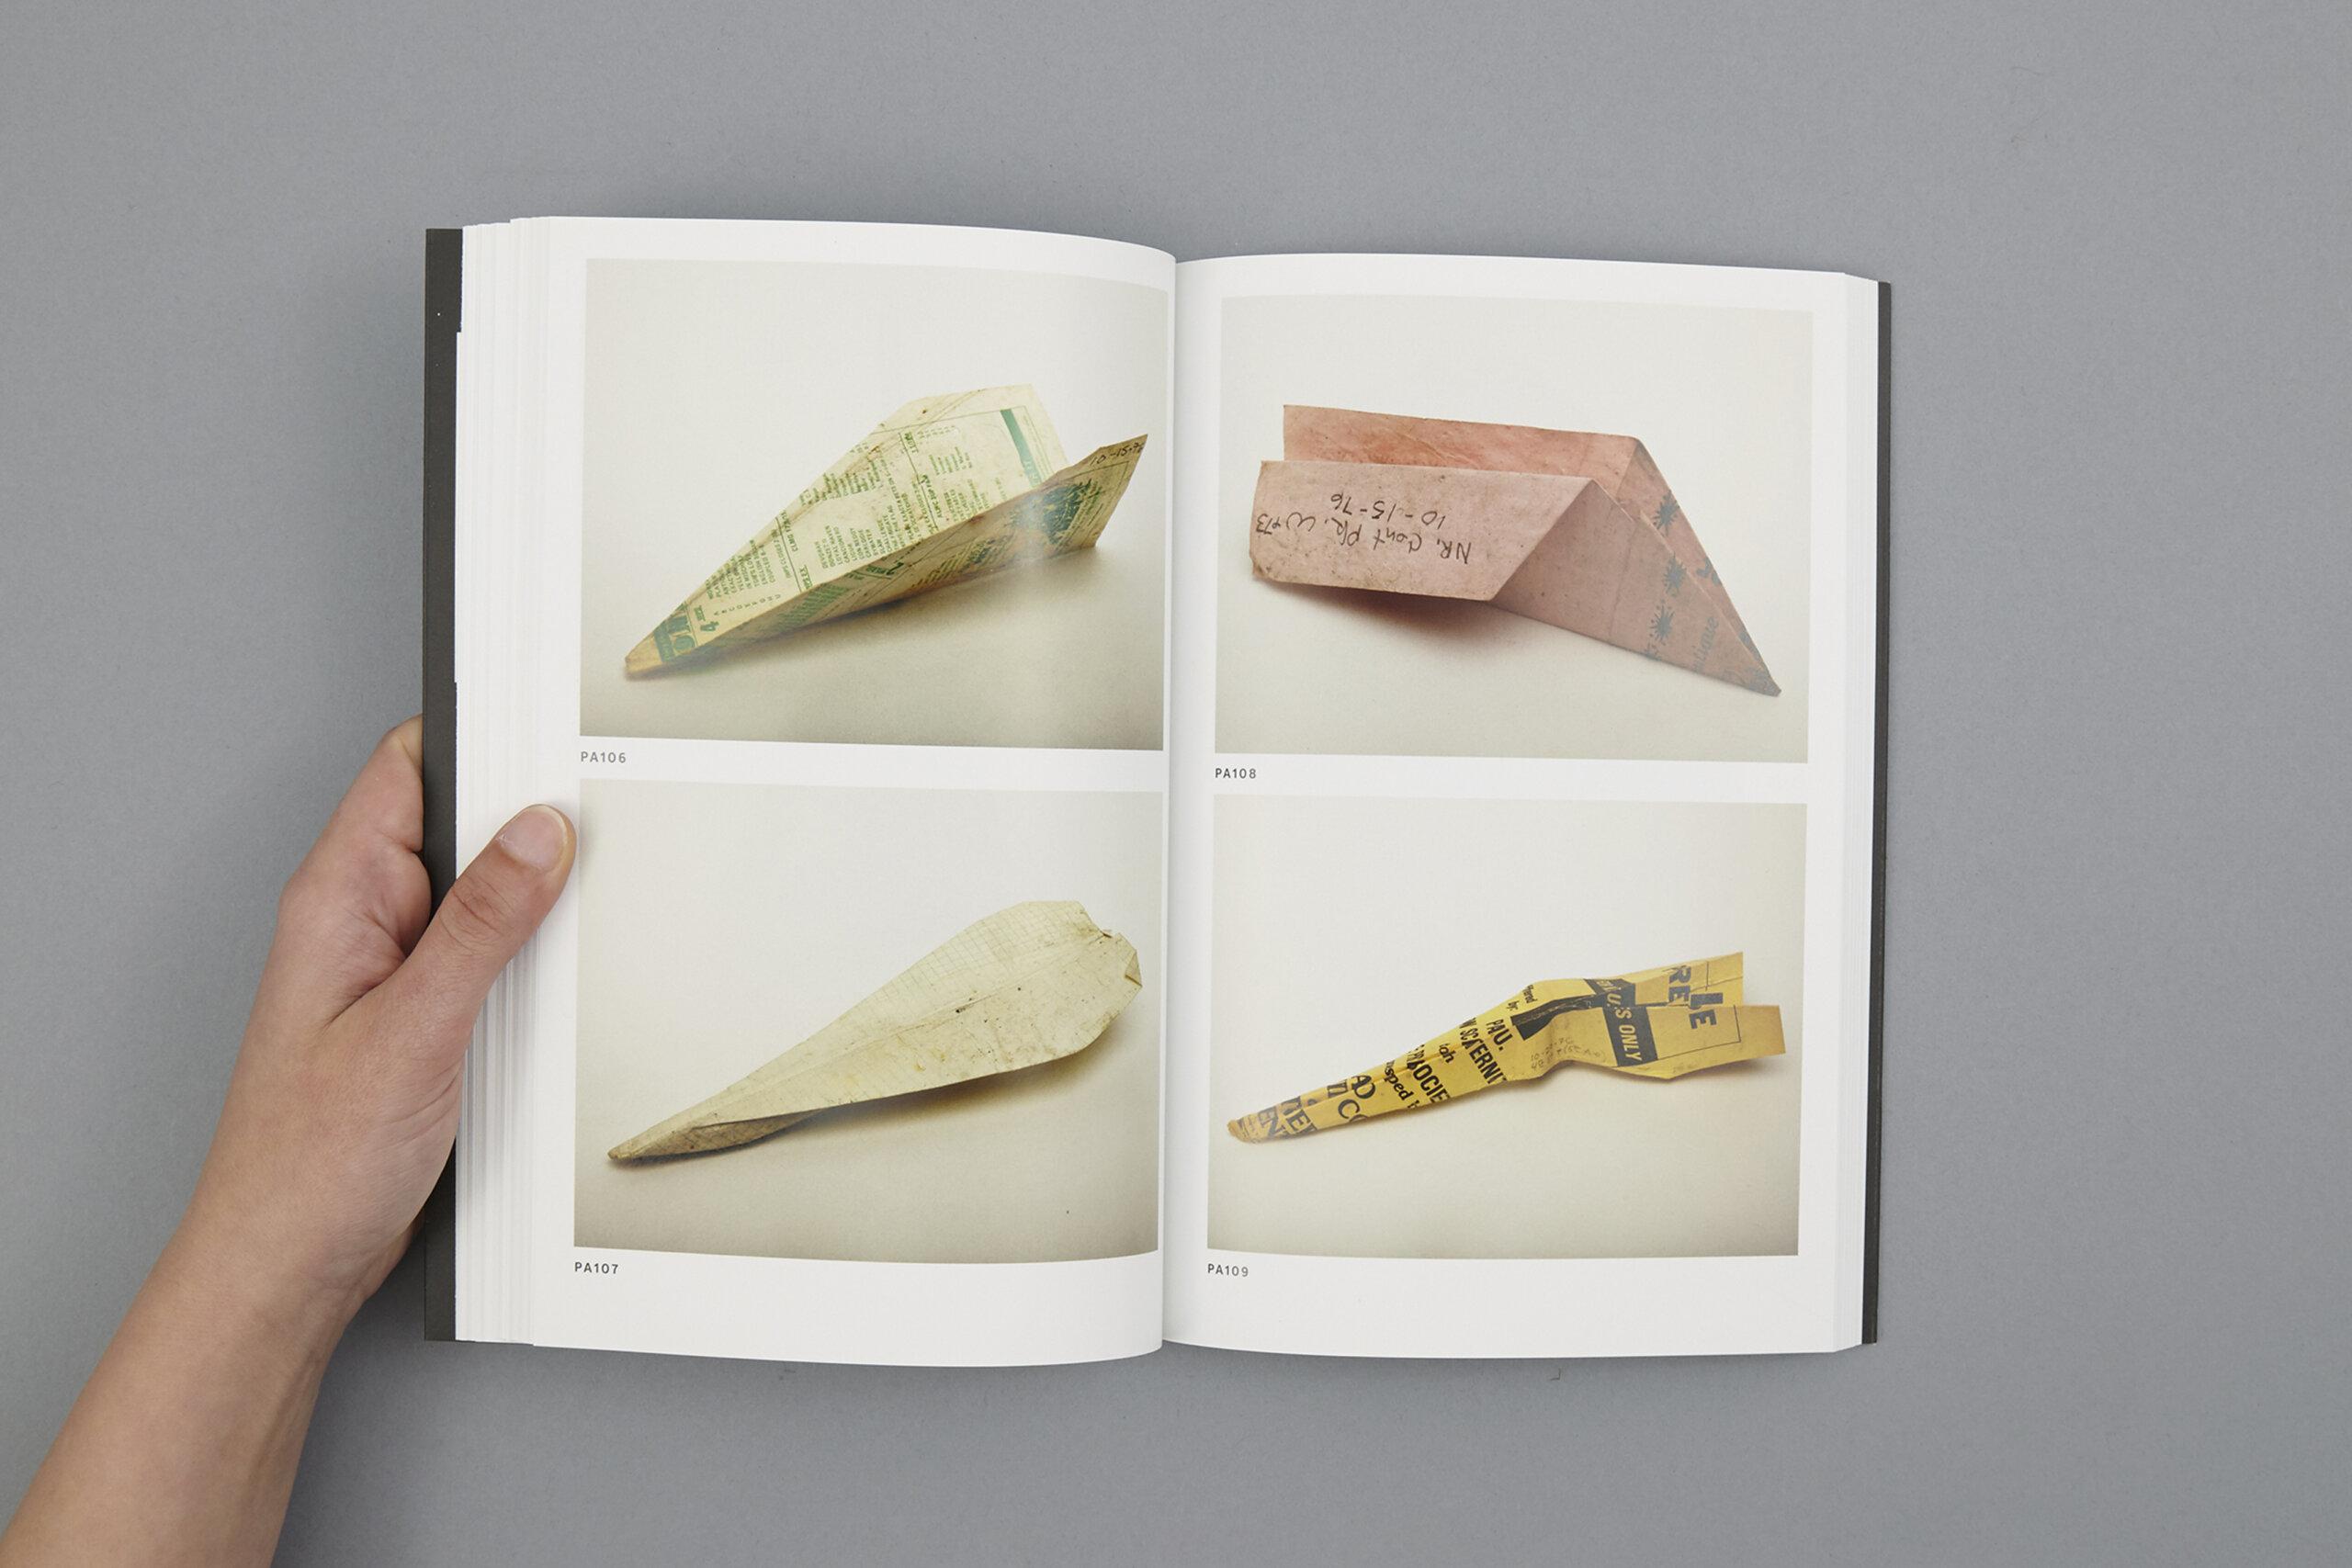 smith-paper-airplanes-delpire-co